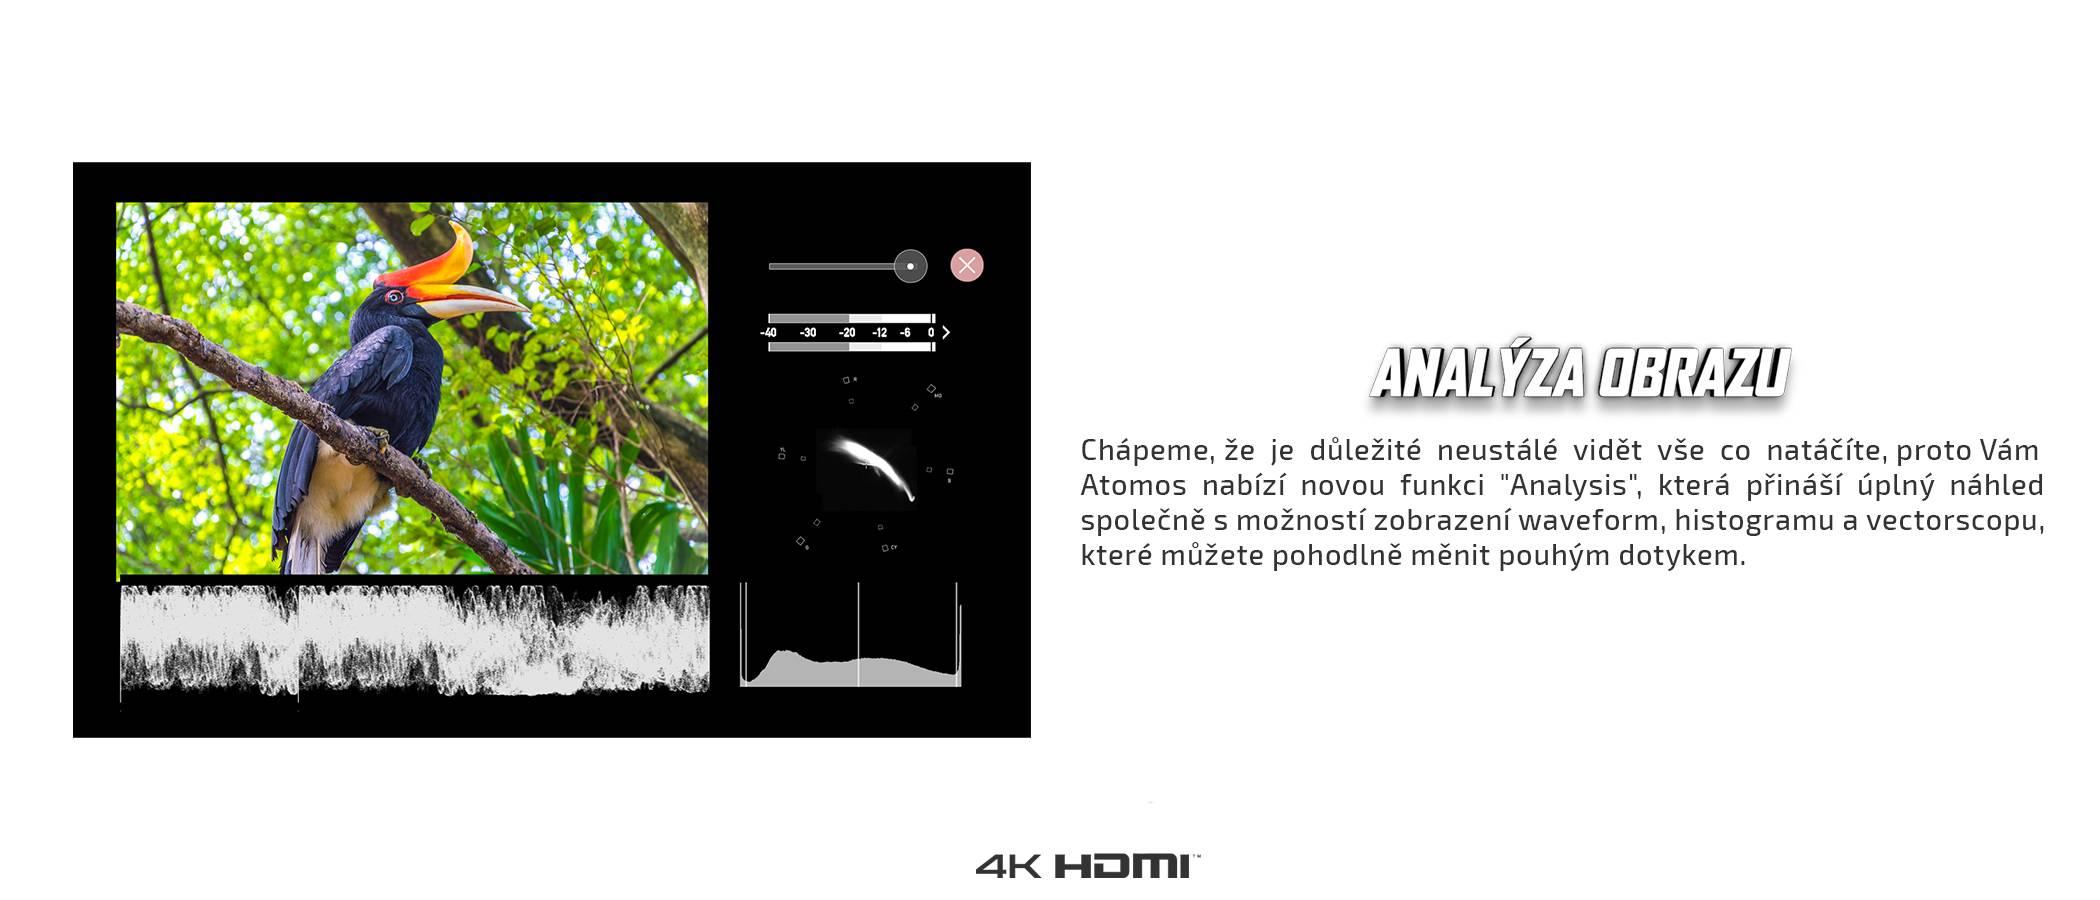 film-technika-atomos-shinobi-hdmi-5-inc-náhledový-monitor-analýza-obrazu